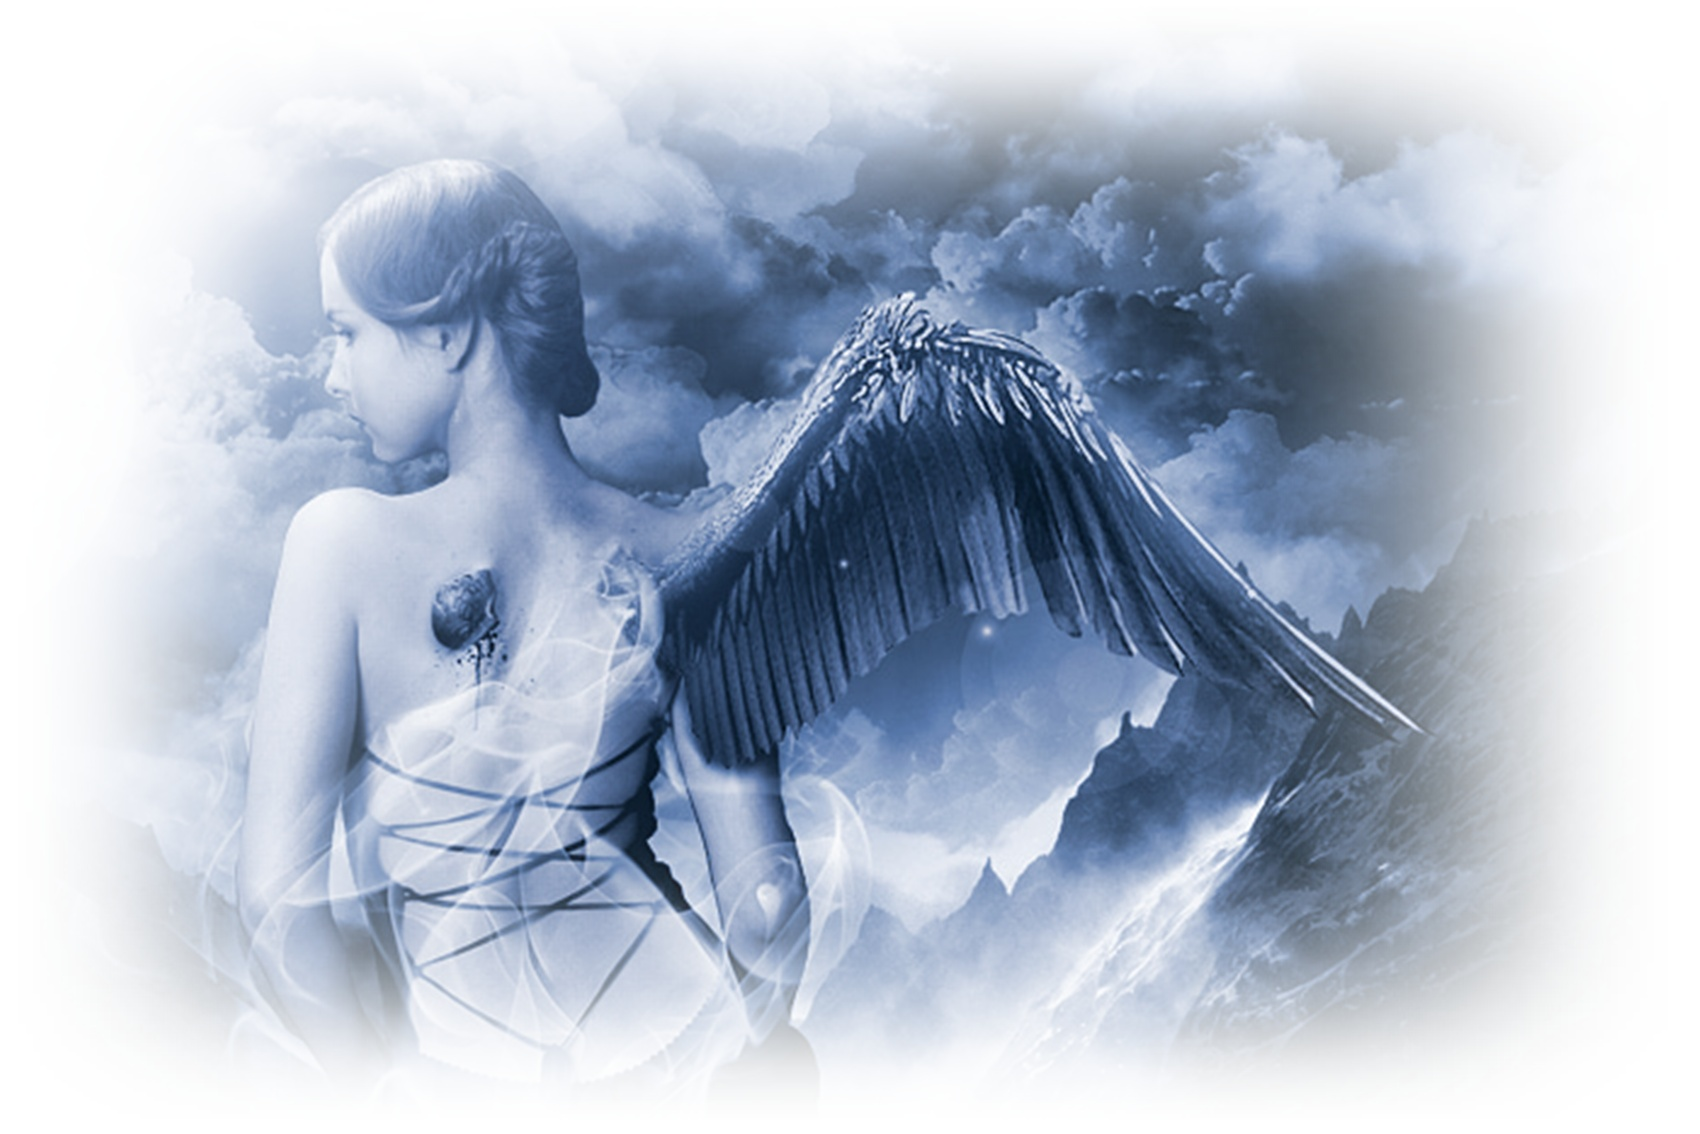 Fallen Angel wallpaper   ForWallpapercom 1700x1134